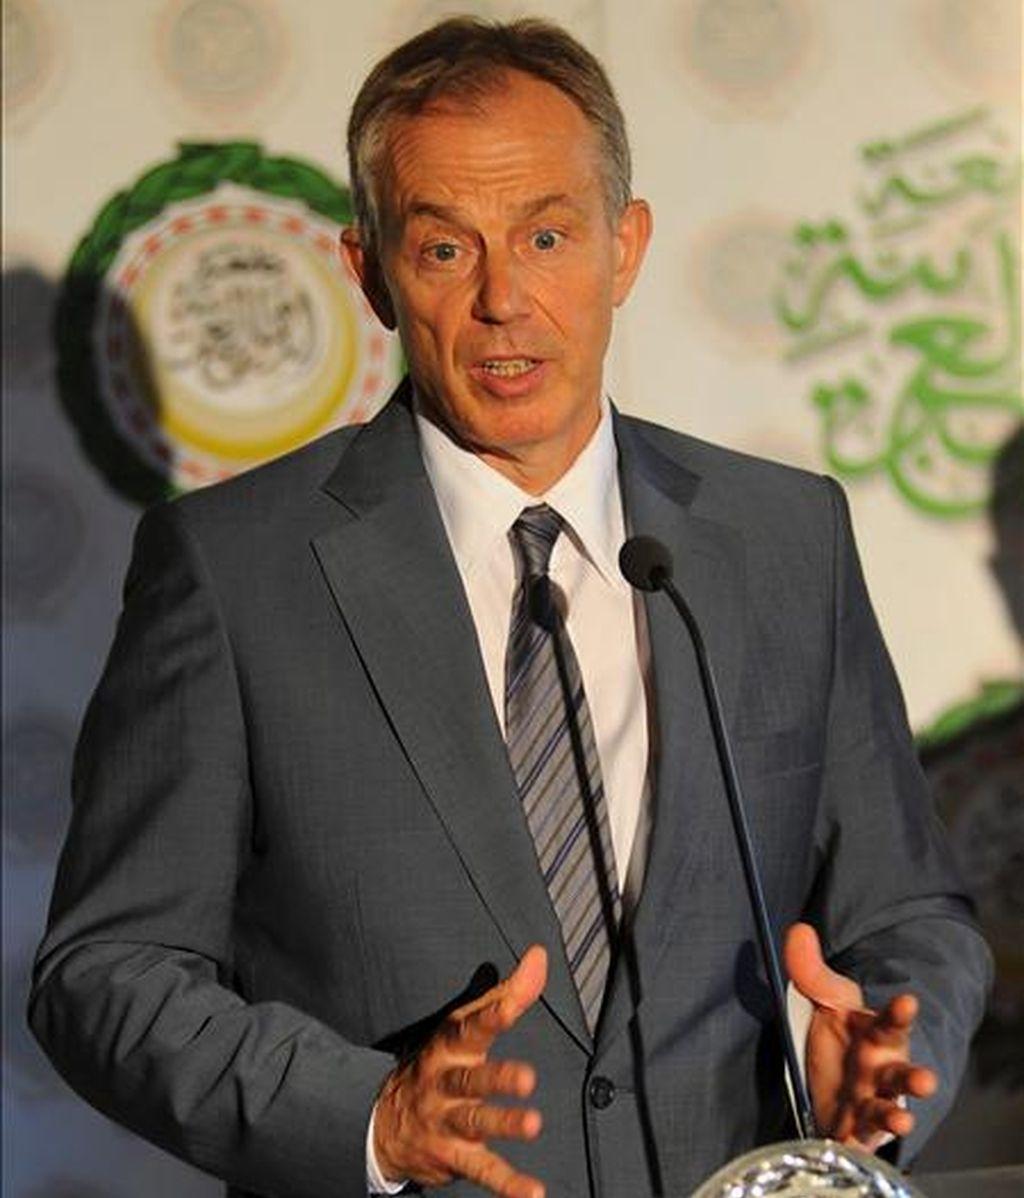 El enviado del Cuarteto para Oriente Medio, Tony Blair, ofrecen una rueda de prensa al término de su reunión con el secretario general de la Liga Árabe, Amre Moussa, en El Cairo (Egipto), hoy, 8 de julio de 2010. EFE